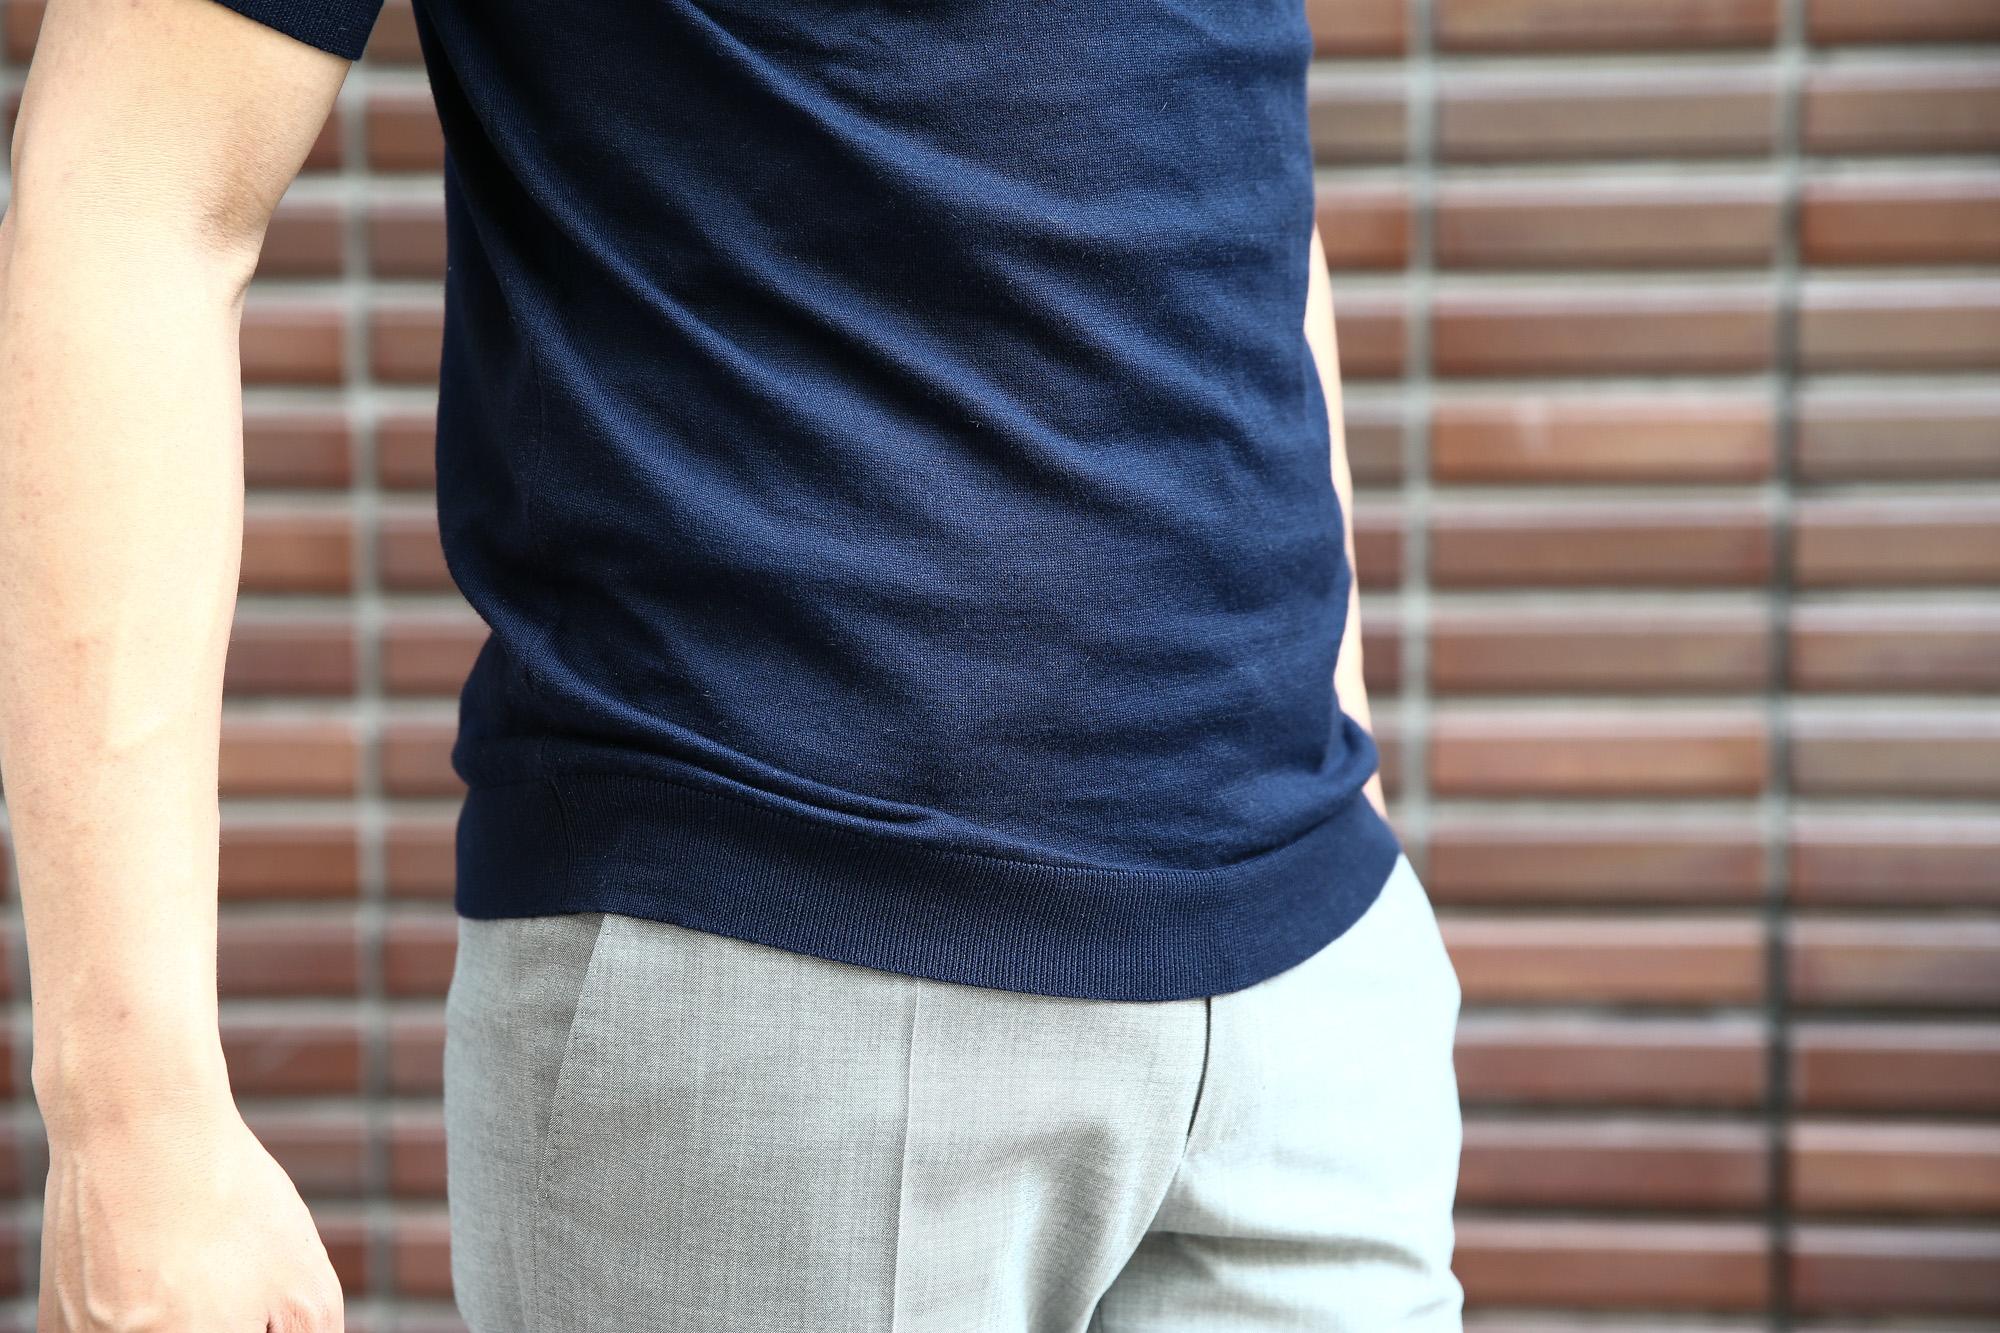 JOHN SMEDLEY (ジョンスメドレー) IMPERIAL KASHMIR (カシミアシリーズ) HADDON (ハードン) CASHMERE × SEA ISLAND COTTON (カシミア × シーアイランドコットン) ショートスリーブ コットンカシミヤニット ポロシャツ NAVY (ネイビー) Made in England (イギリス製) 2018 春夏新作 johnsmedley カシミア カシミヤ 愛知 名古屋 Alto e Diritto アルト エ デリット